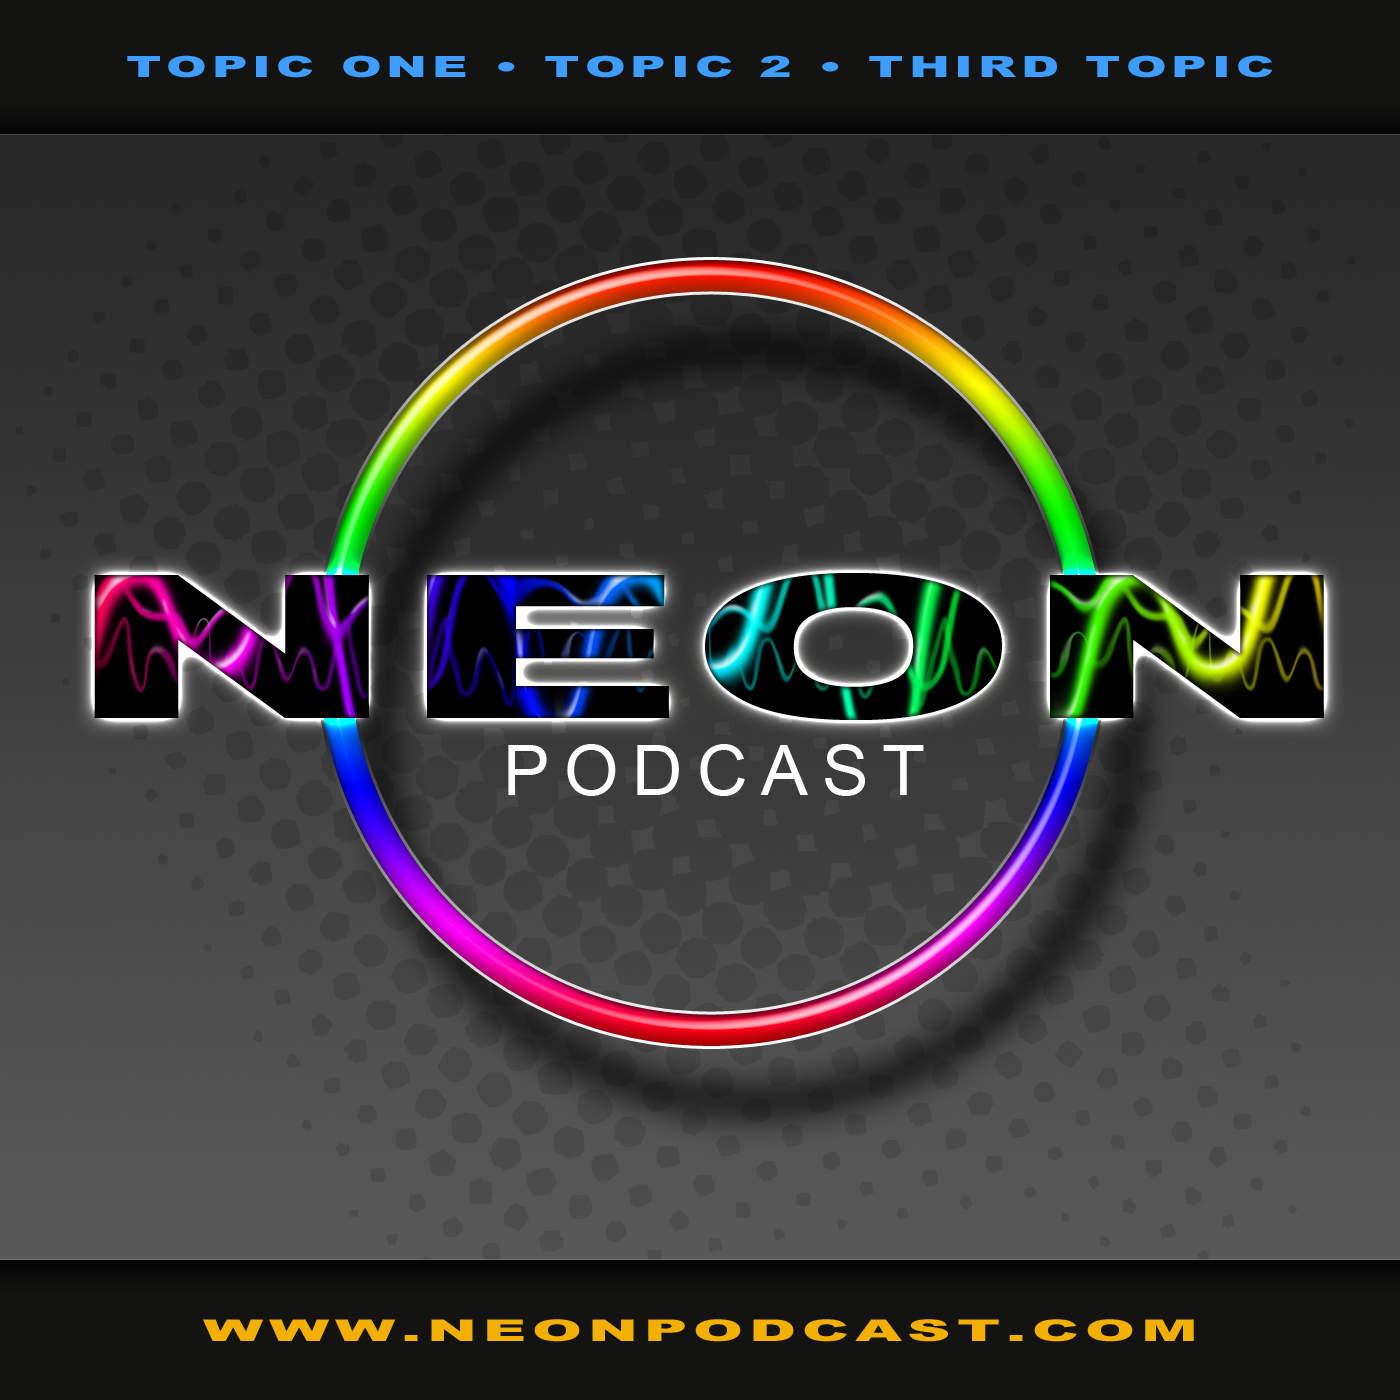 Neon Podcast